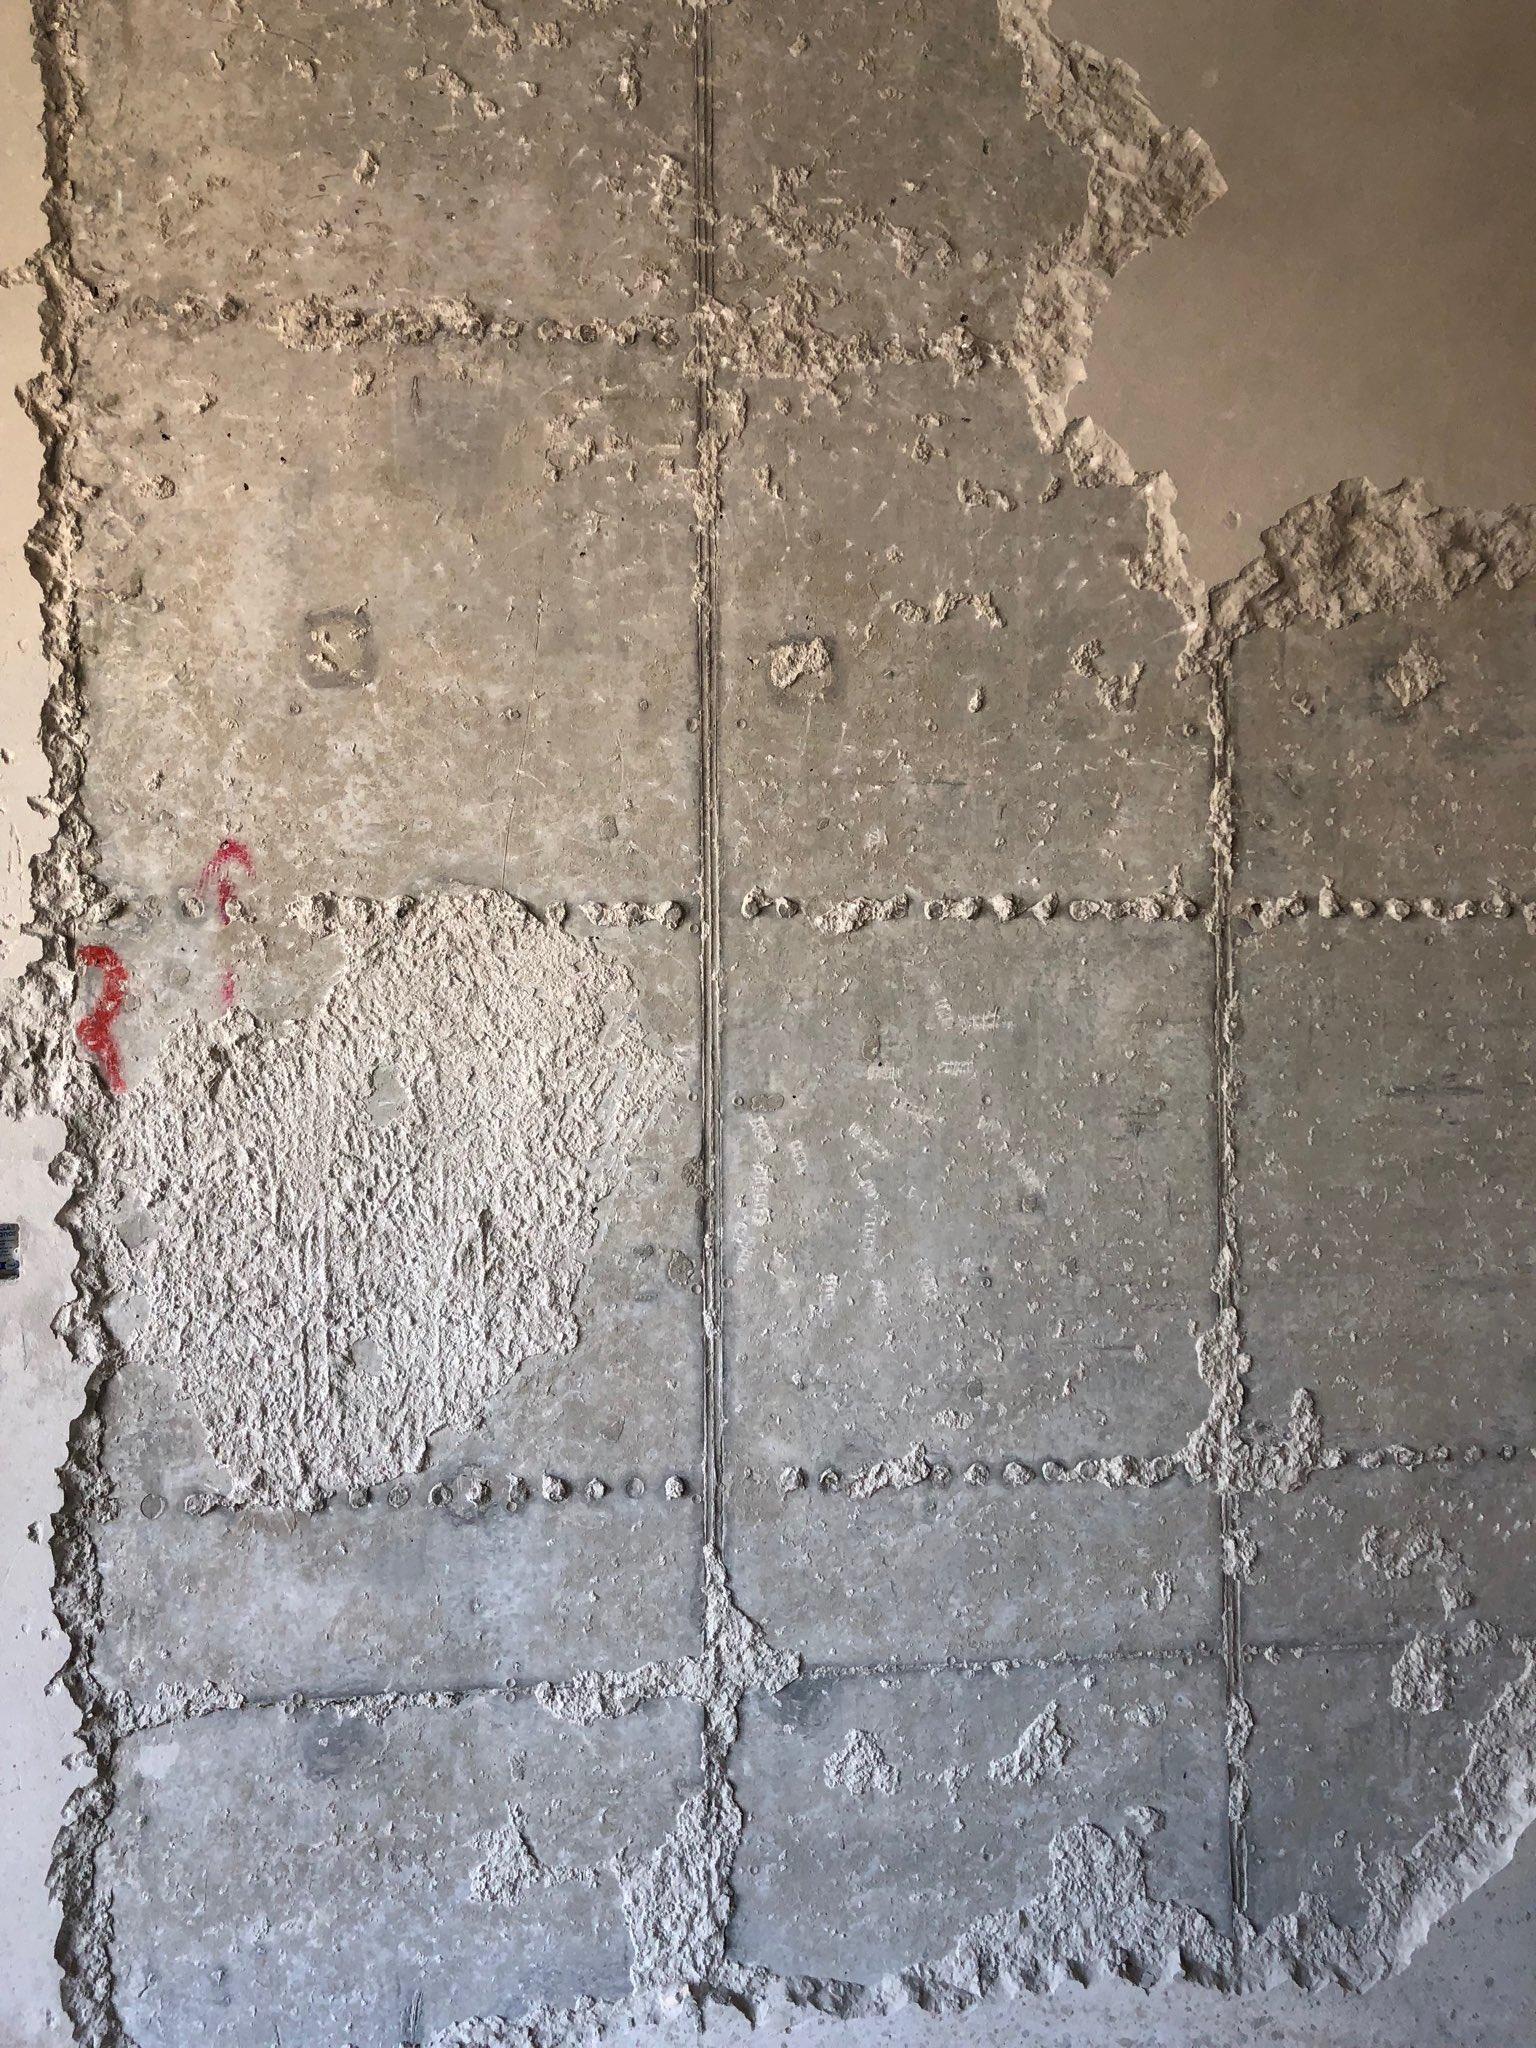 اخطاء في البناء